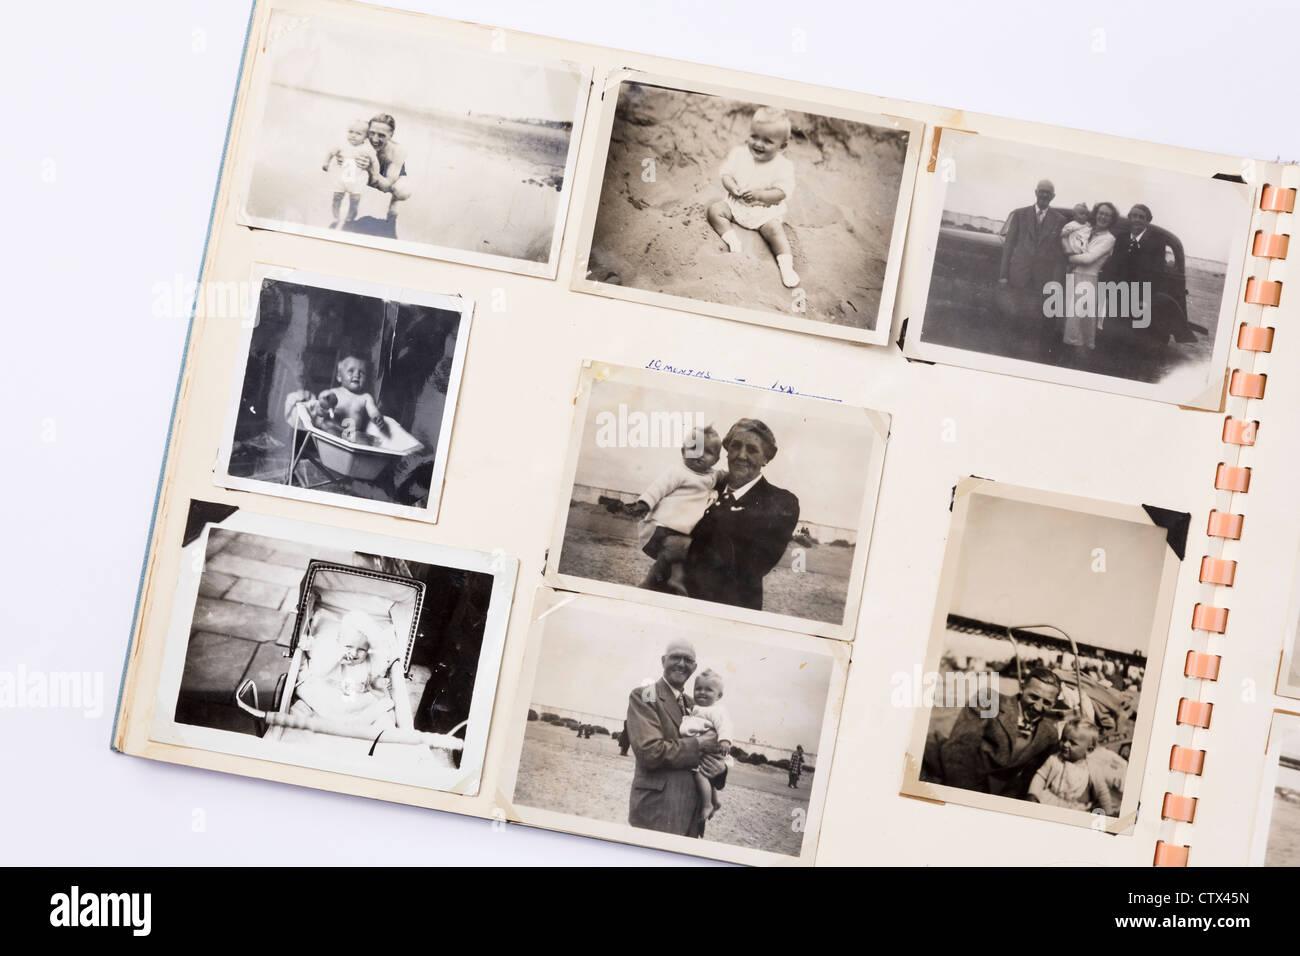 Alte verblasst schwarz und weiß gedruckte Fotos in einer Familie Foto Album der 50er Jahre ära mit Seite Stockbild